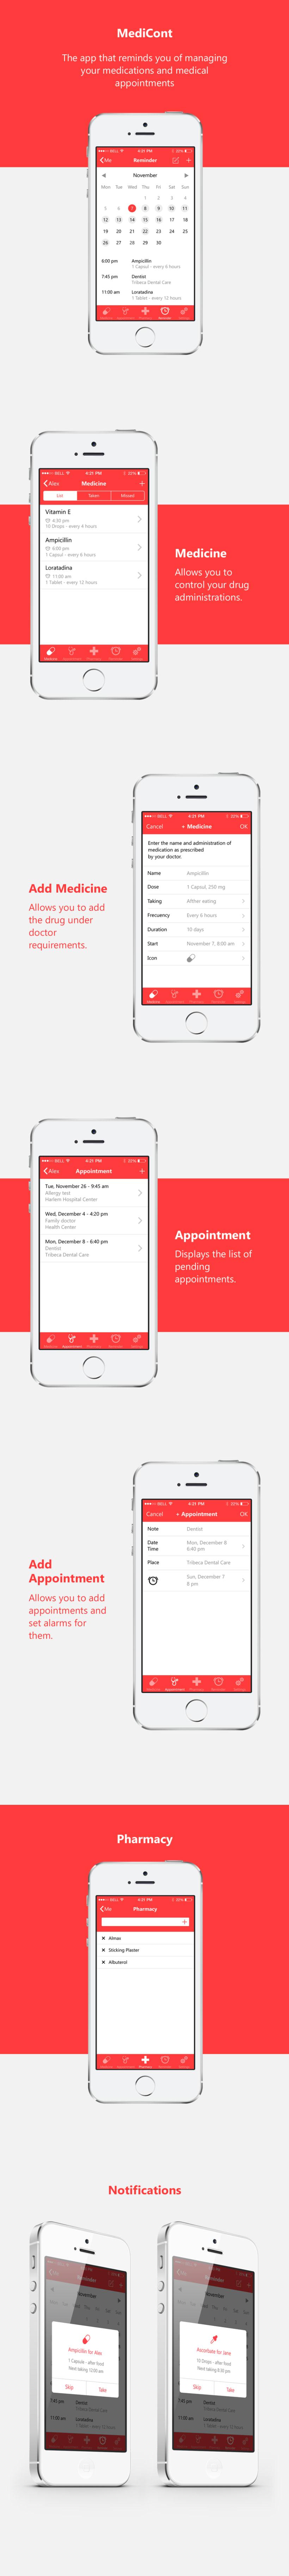 MediCont: la app que te recuerda tomar los medicamentos. 0